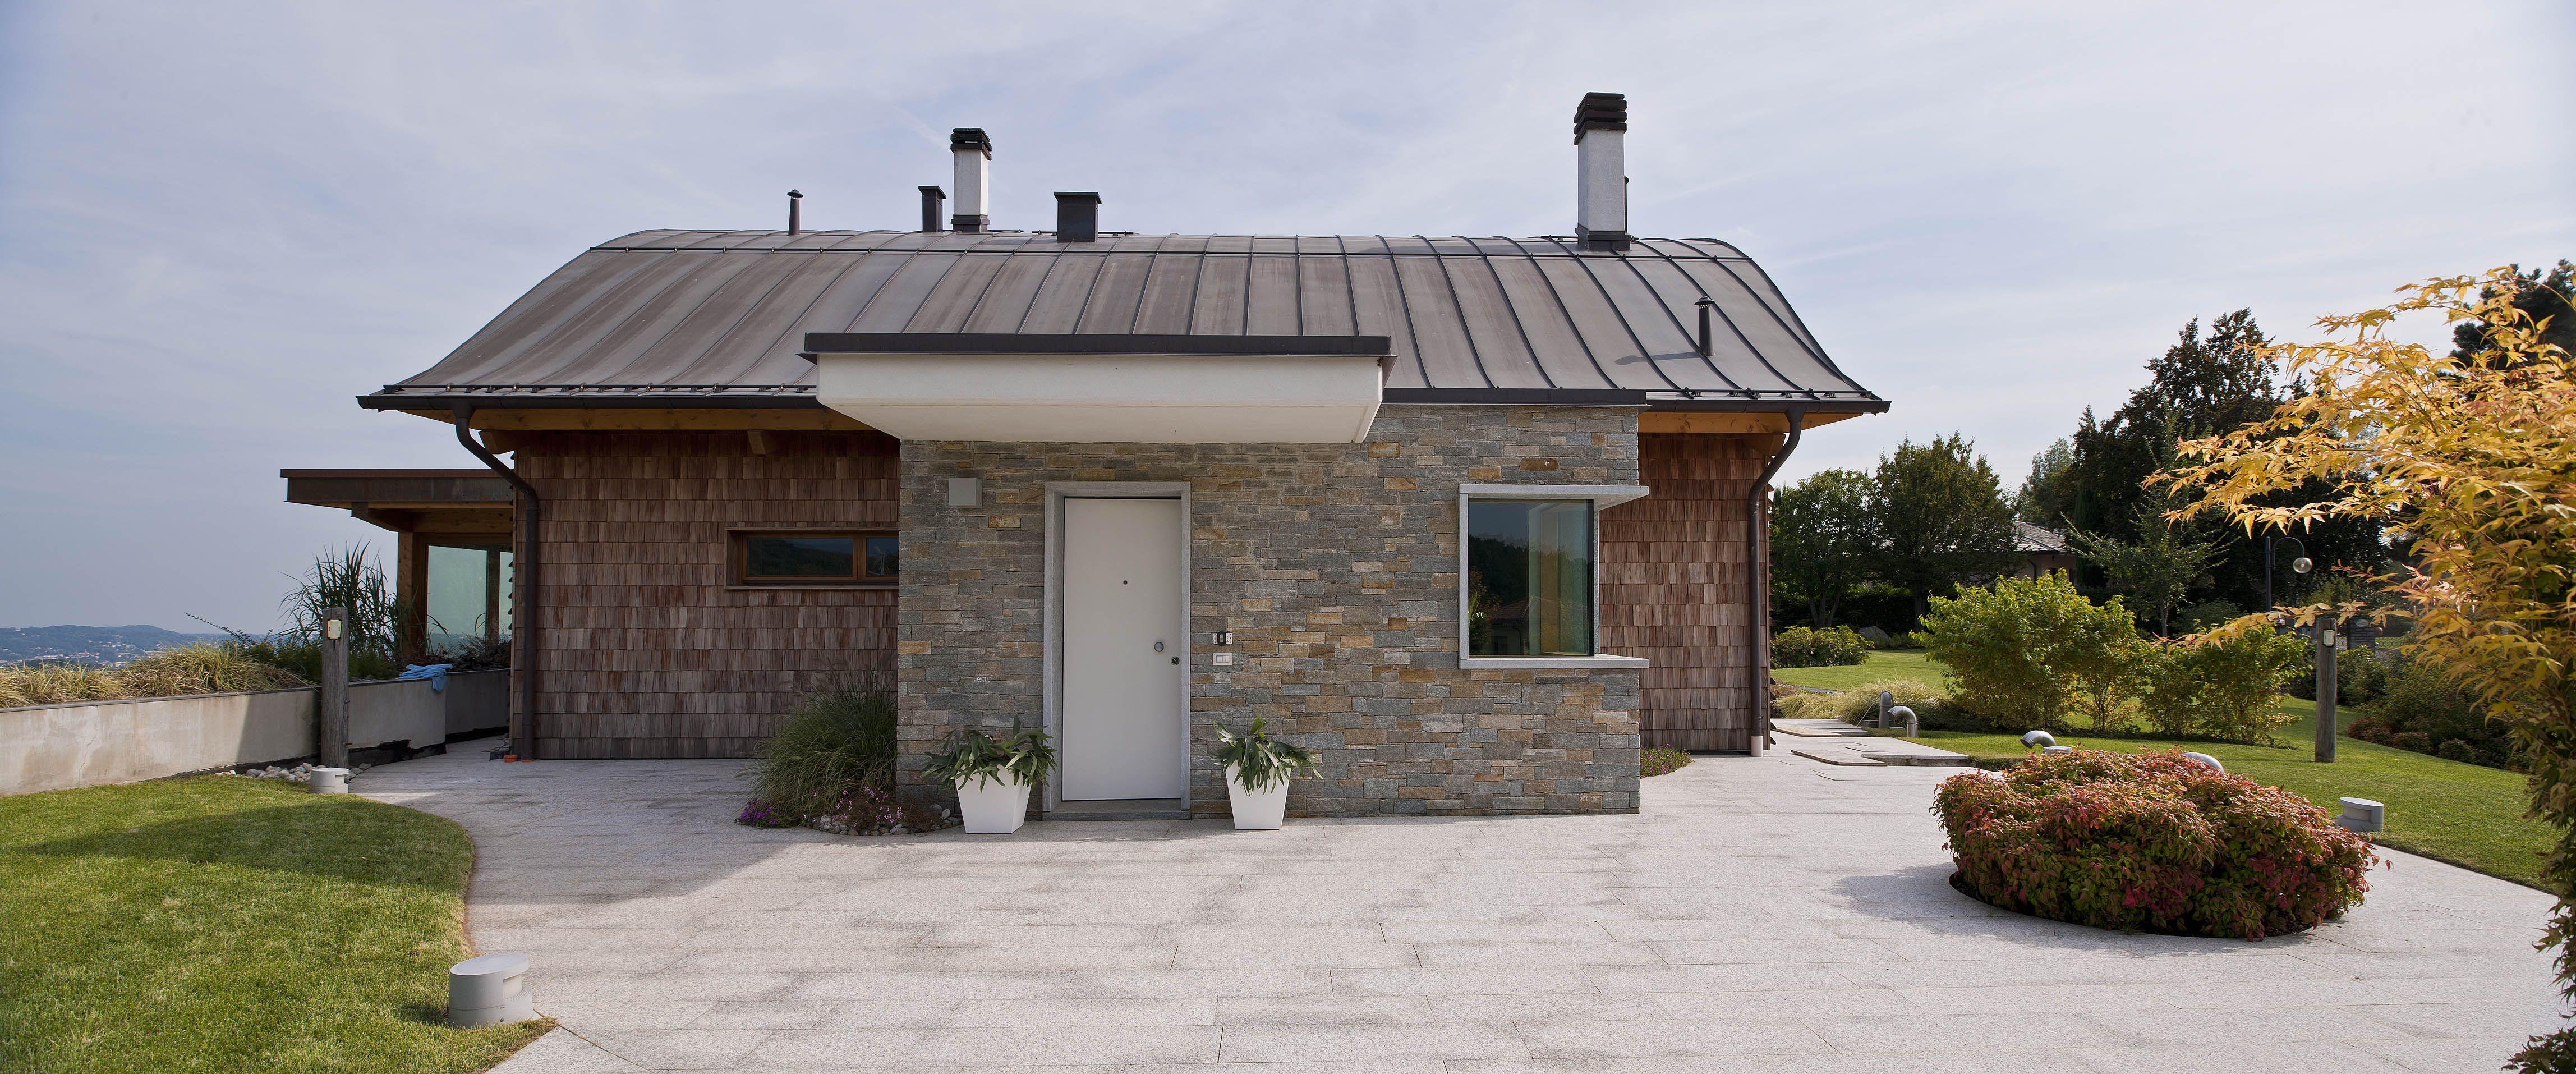 Ormai tutti gli istituti di credito sono pronti per la - Mutuo casa in costruzione ...